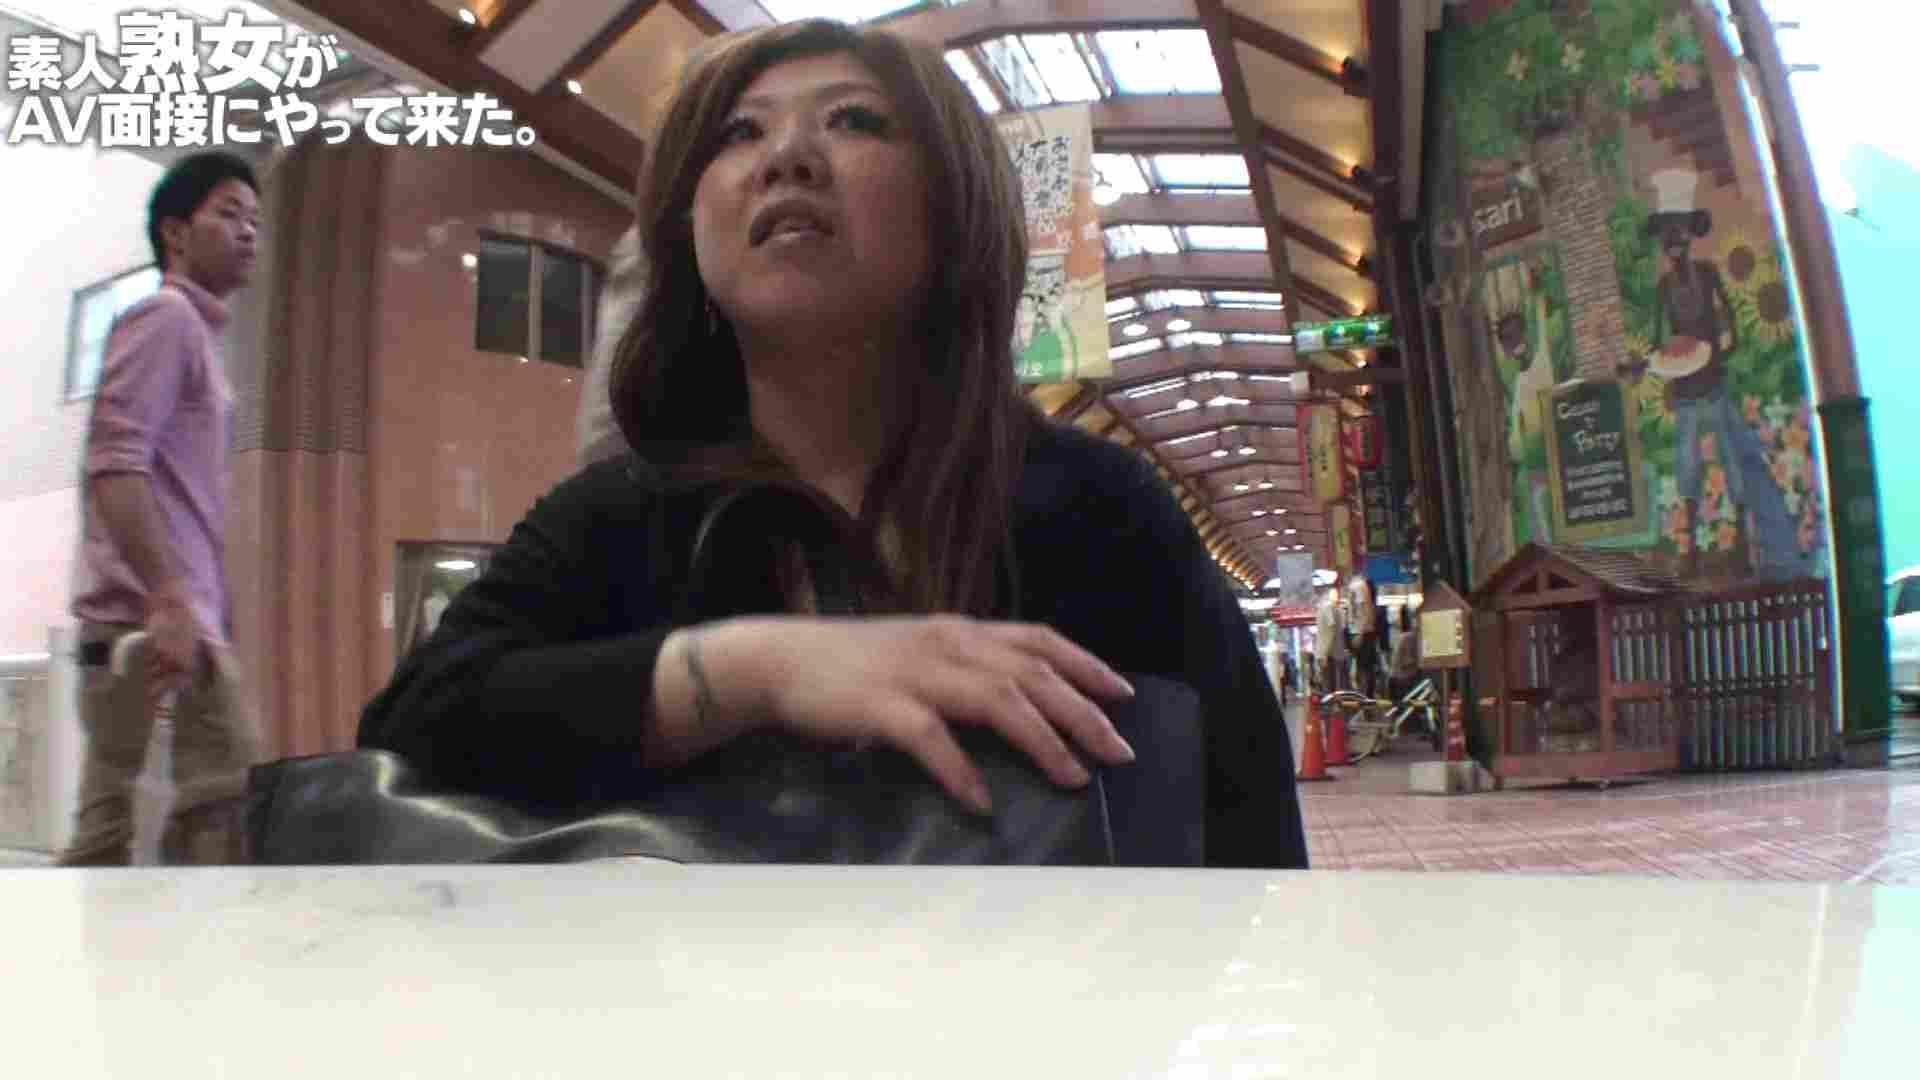 素人熟女がAV面接にやってきた (仮名)ゆかさんVOL.01 素人 | 痴女  50画像 12